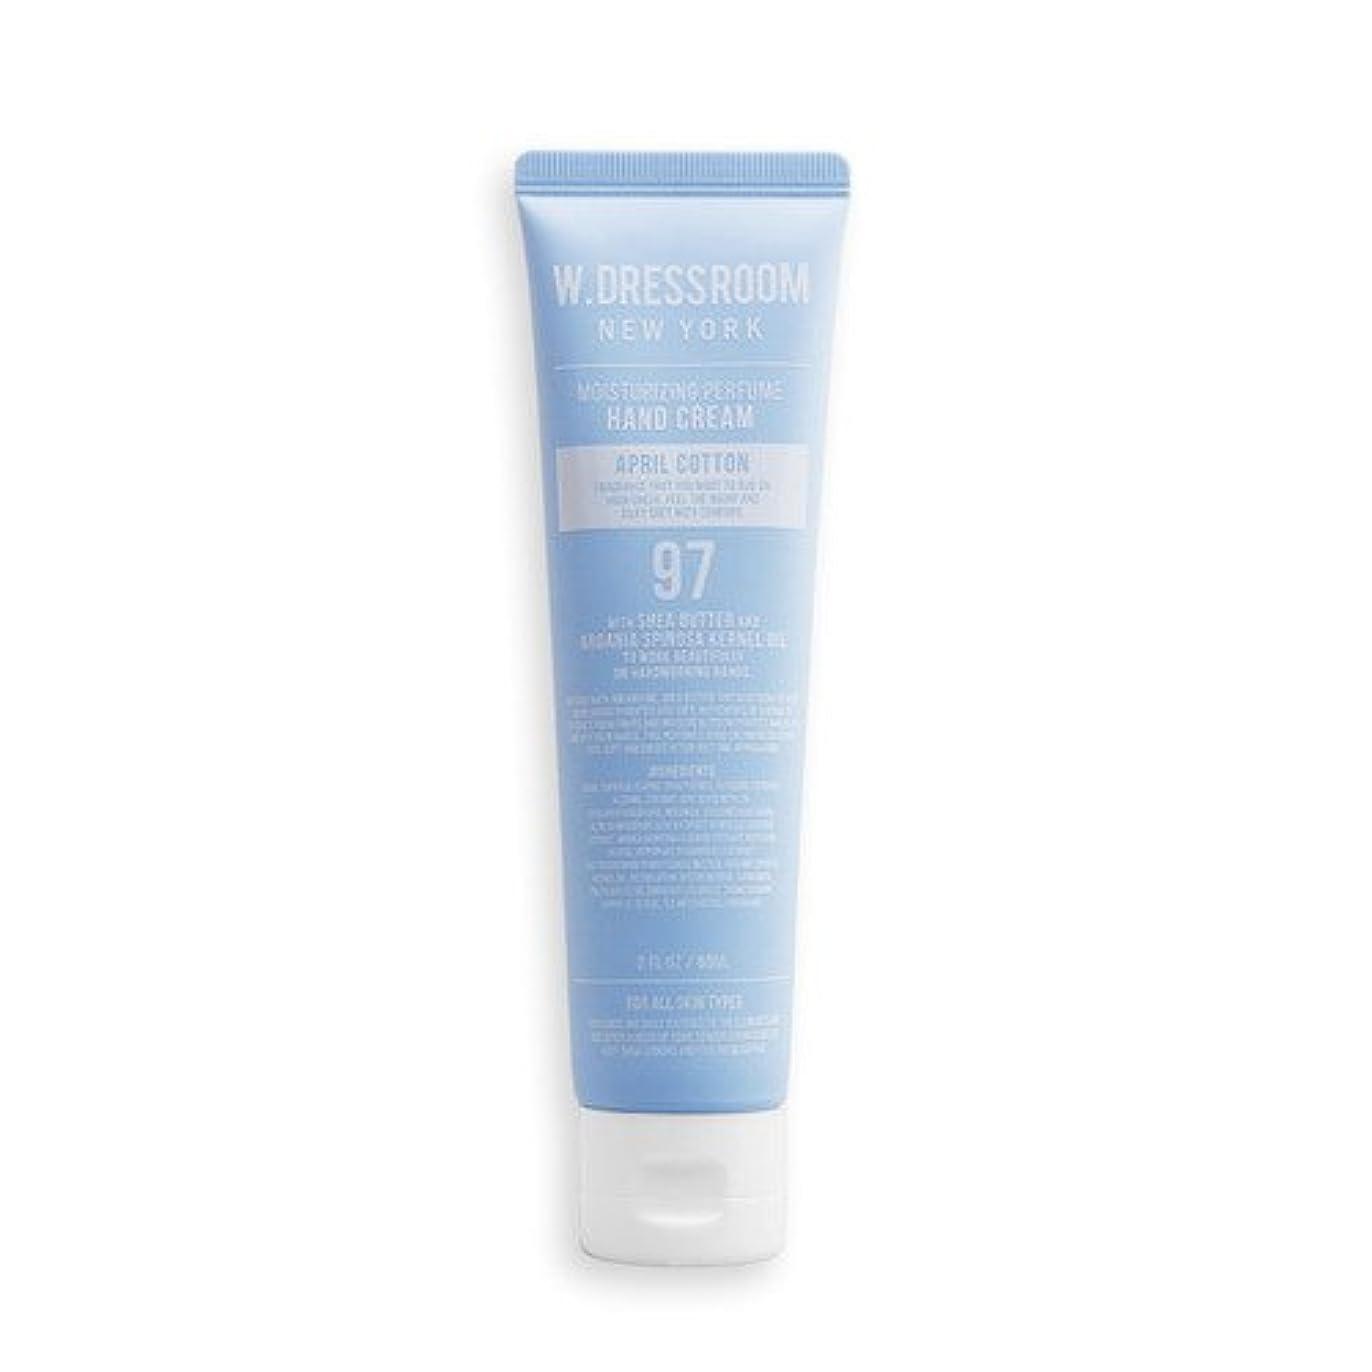 俳優お茶家事をするW.DRESSROOM Moisturizing Perfume Hand Cream 60ml/ダブルドレスルーム モイスチャライジング パフューム ハンドクリーム 60ml (#No.97 April Cotton) [並行輸入品]